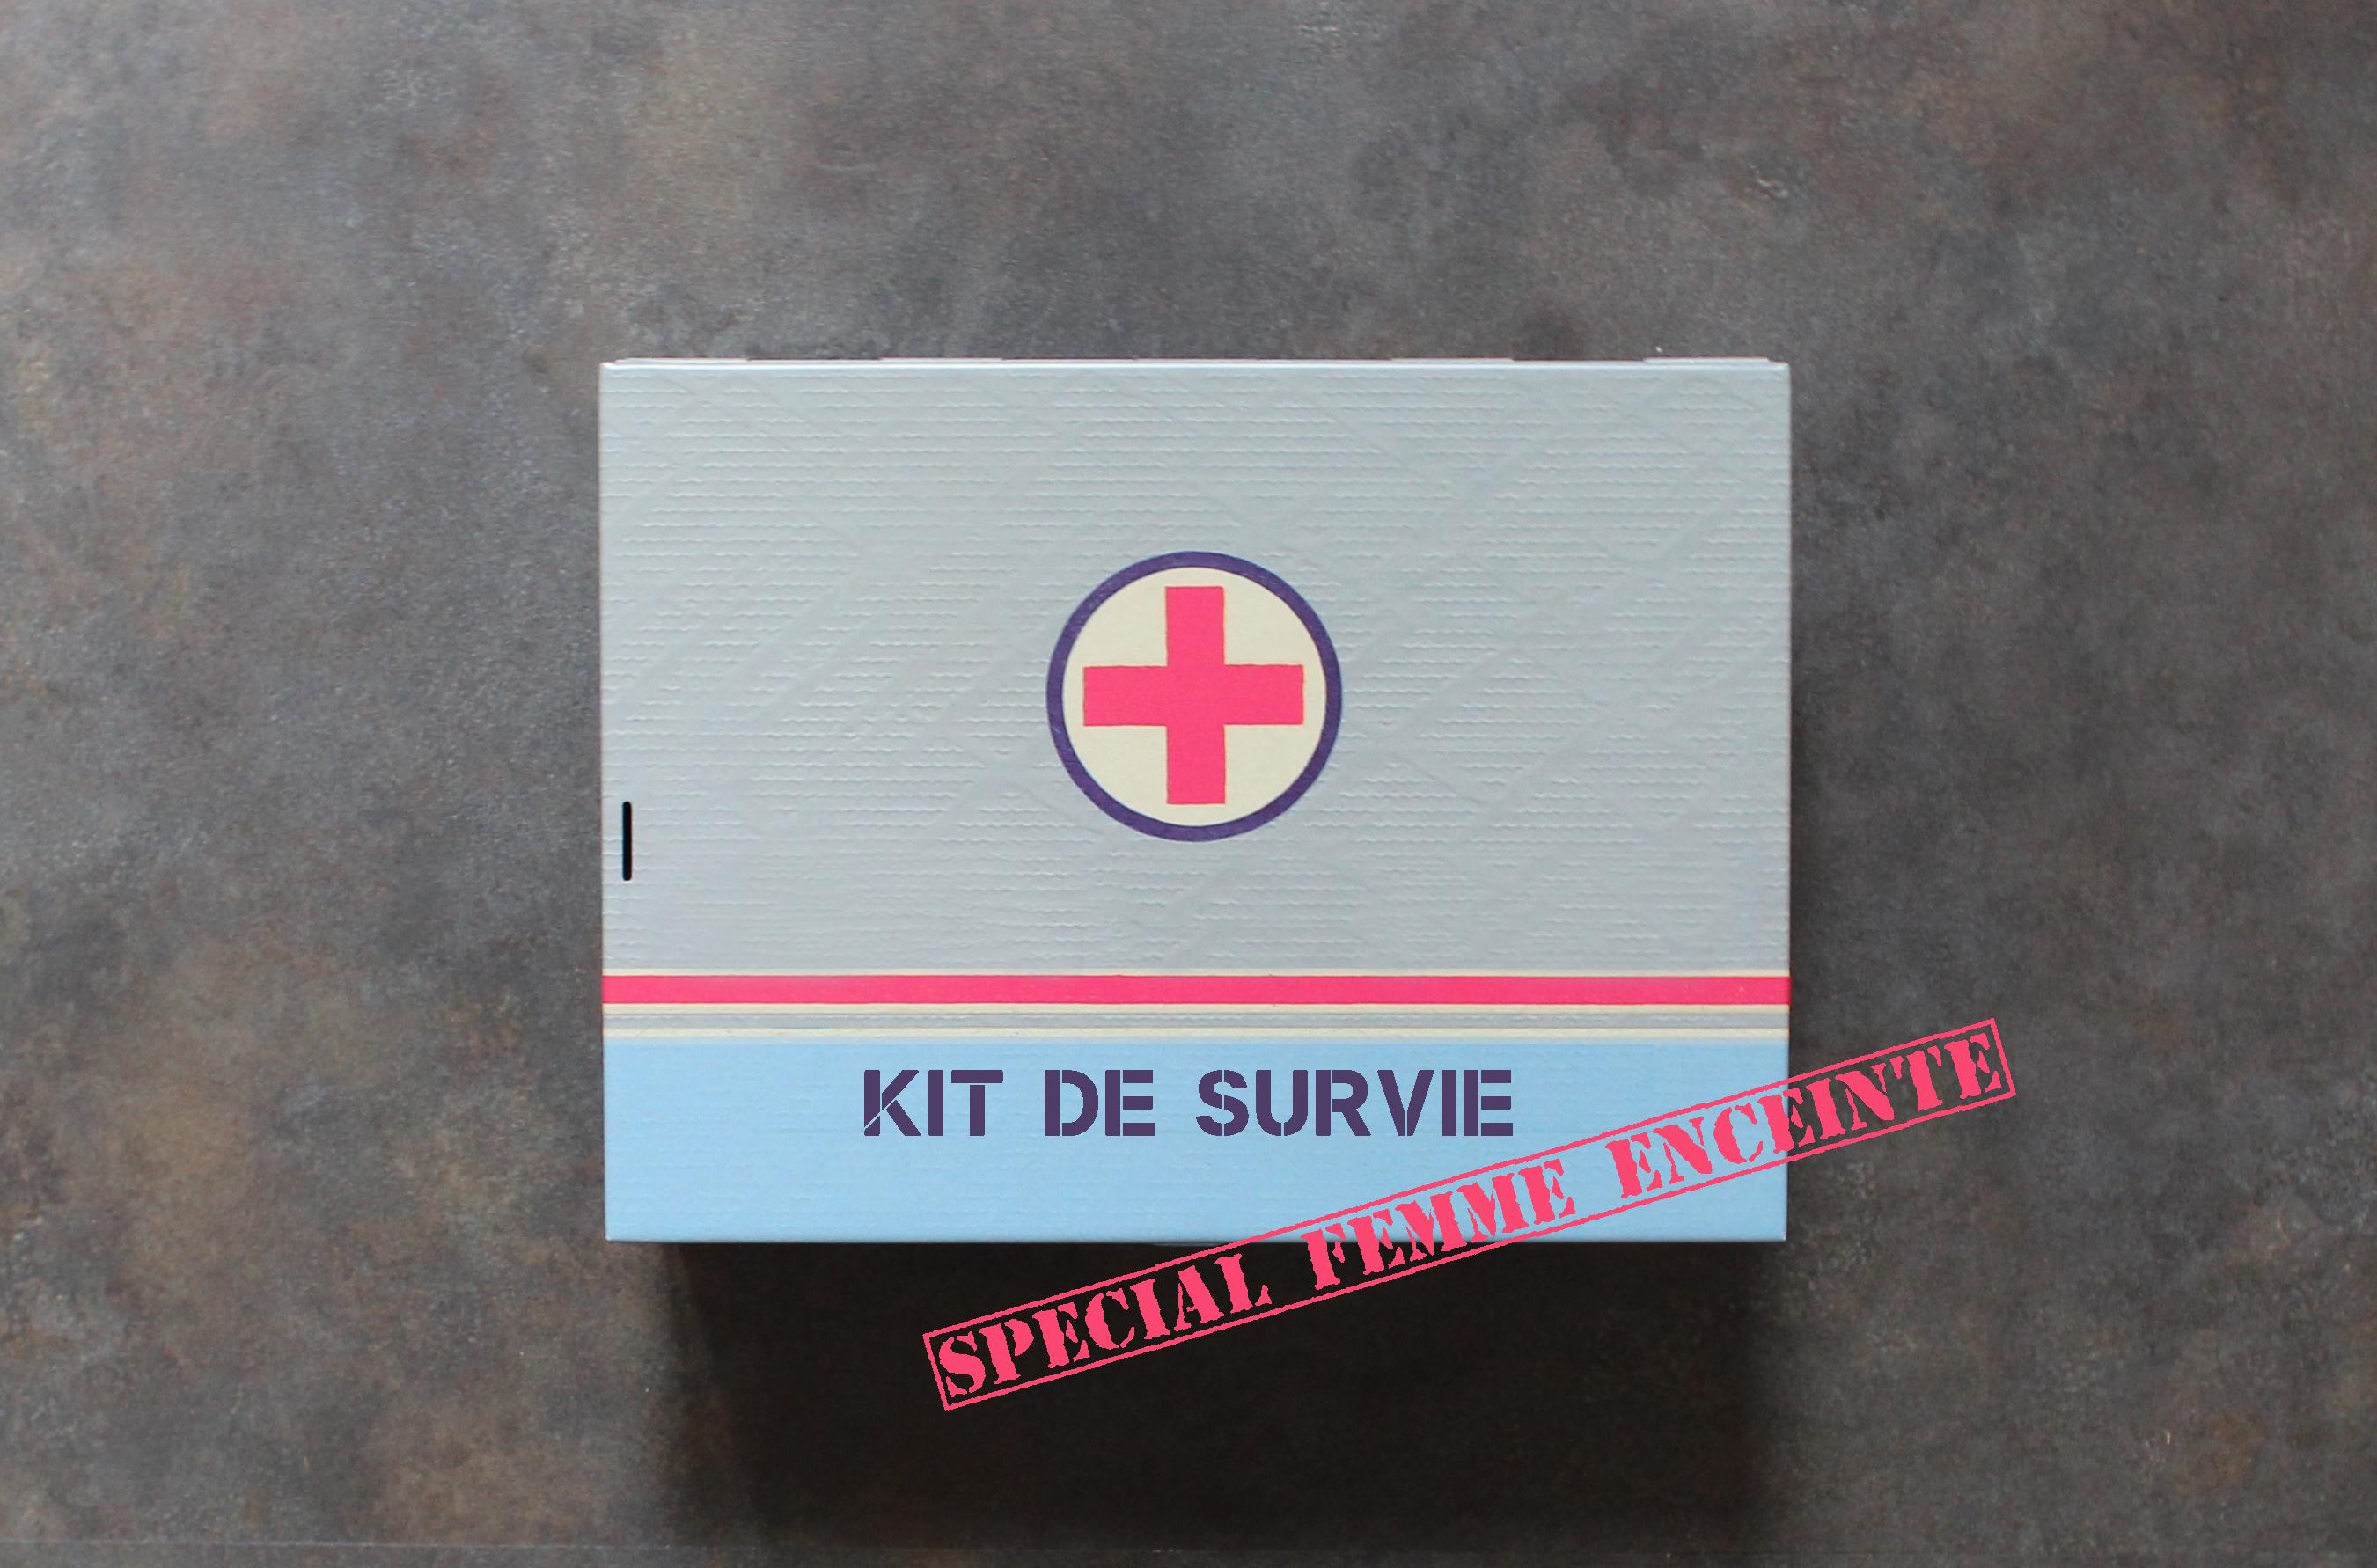 kit de survie pour femme enceinte blog mode lyon artlex. Black Bedroom Furniture Sets. Home Design Ideas